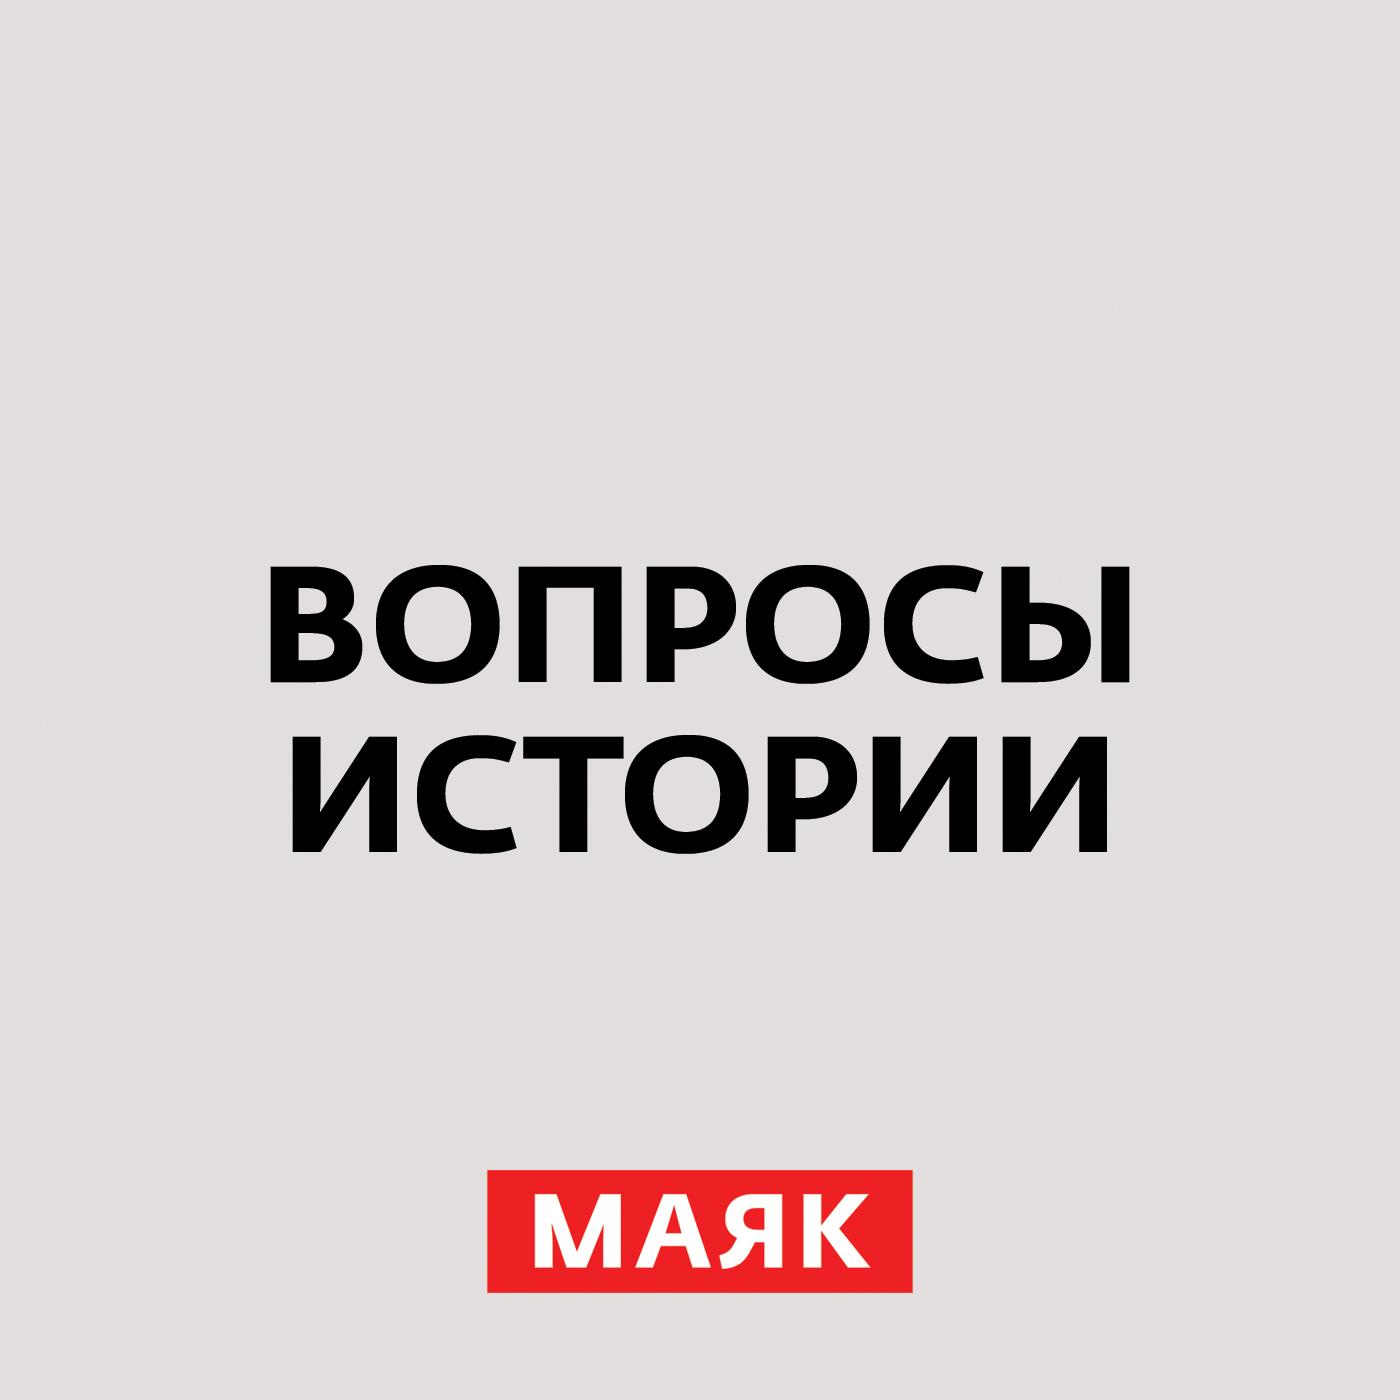 Андрей Светенко Речь Сталина 3 июля: почему каждый абзац вызывает недовольство. Часть 2 андрей светенко 22 июня 1941 года – незаживающая рана истории